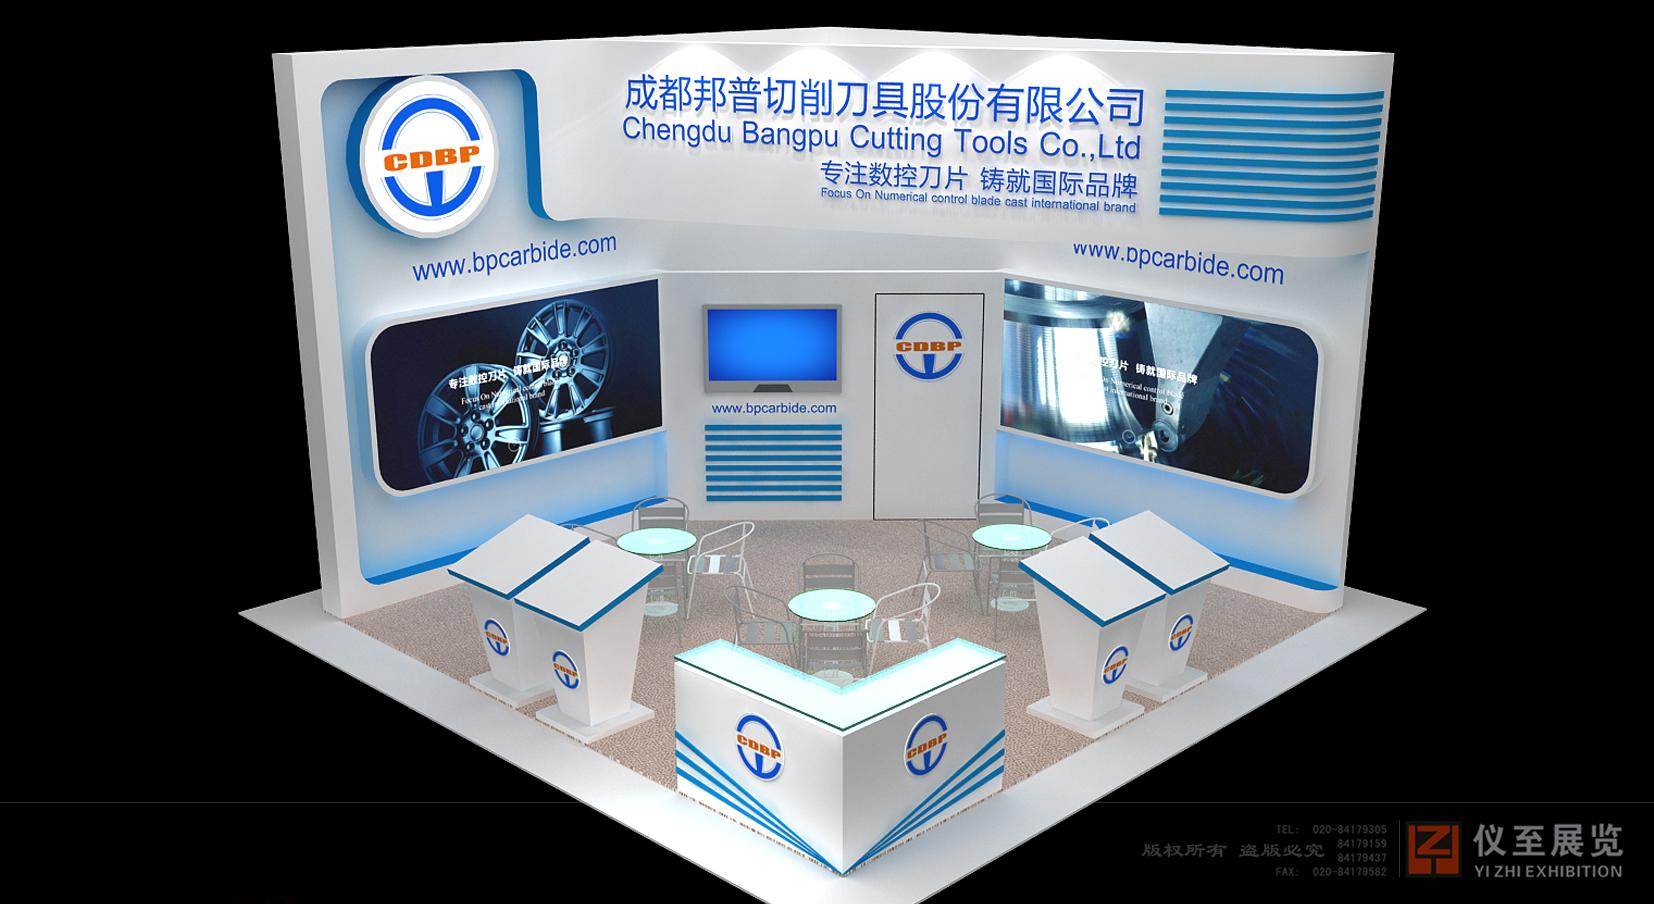 成都邦普--印刷机械展案例